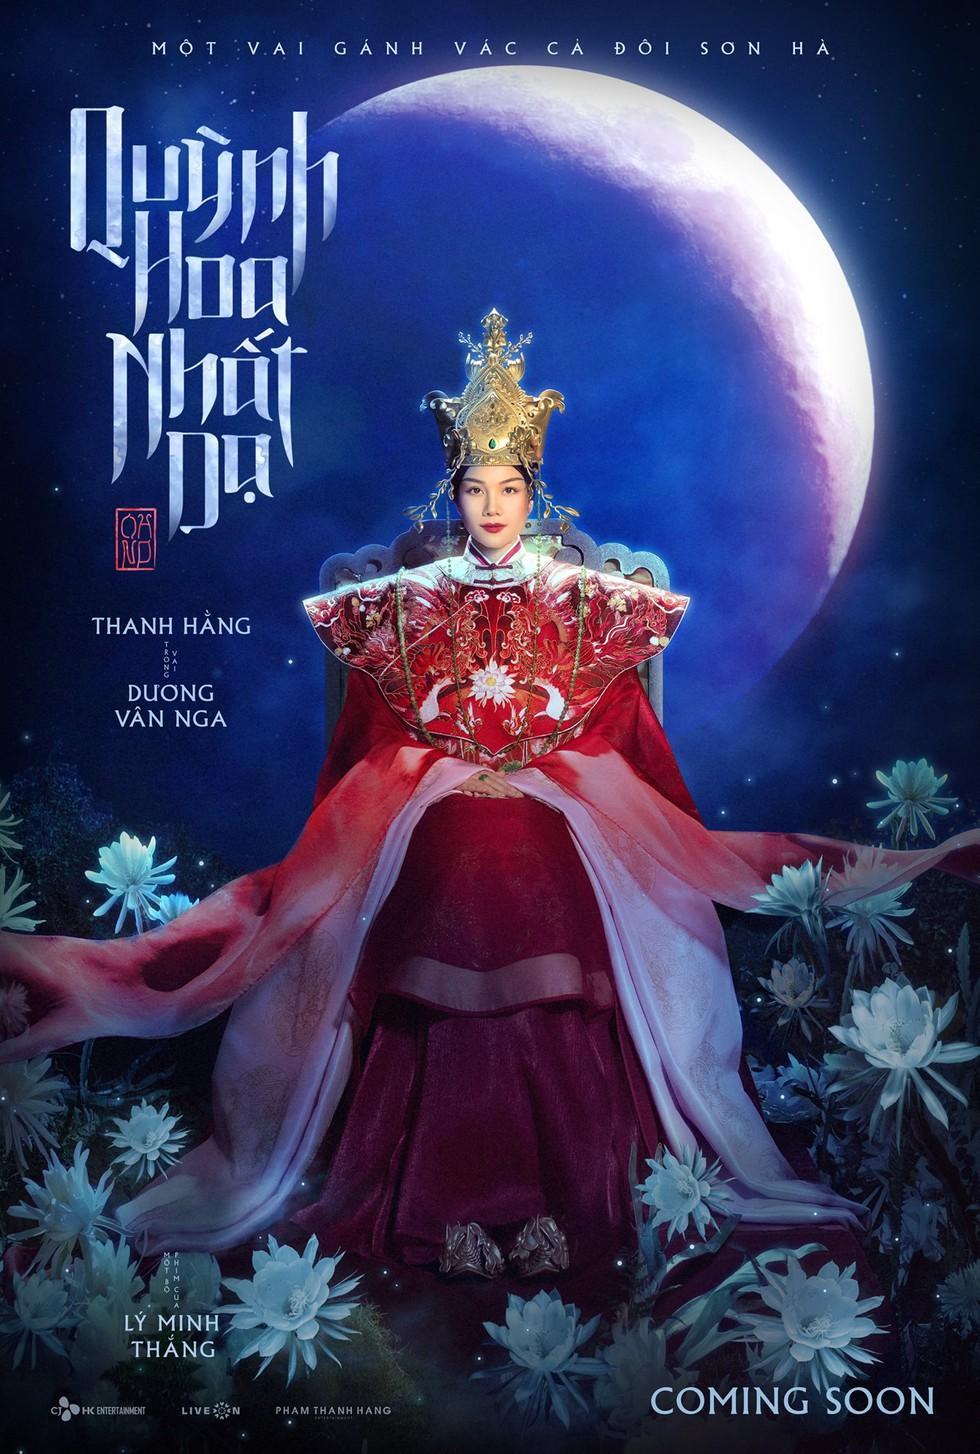 Tạo hình Thanh Hằng trong phim